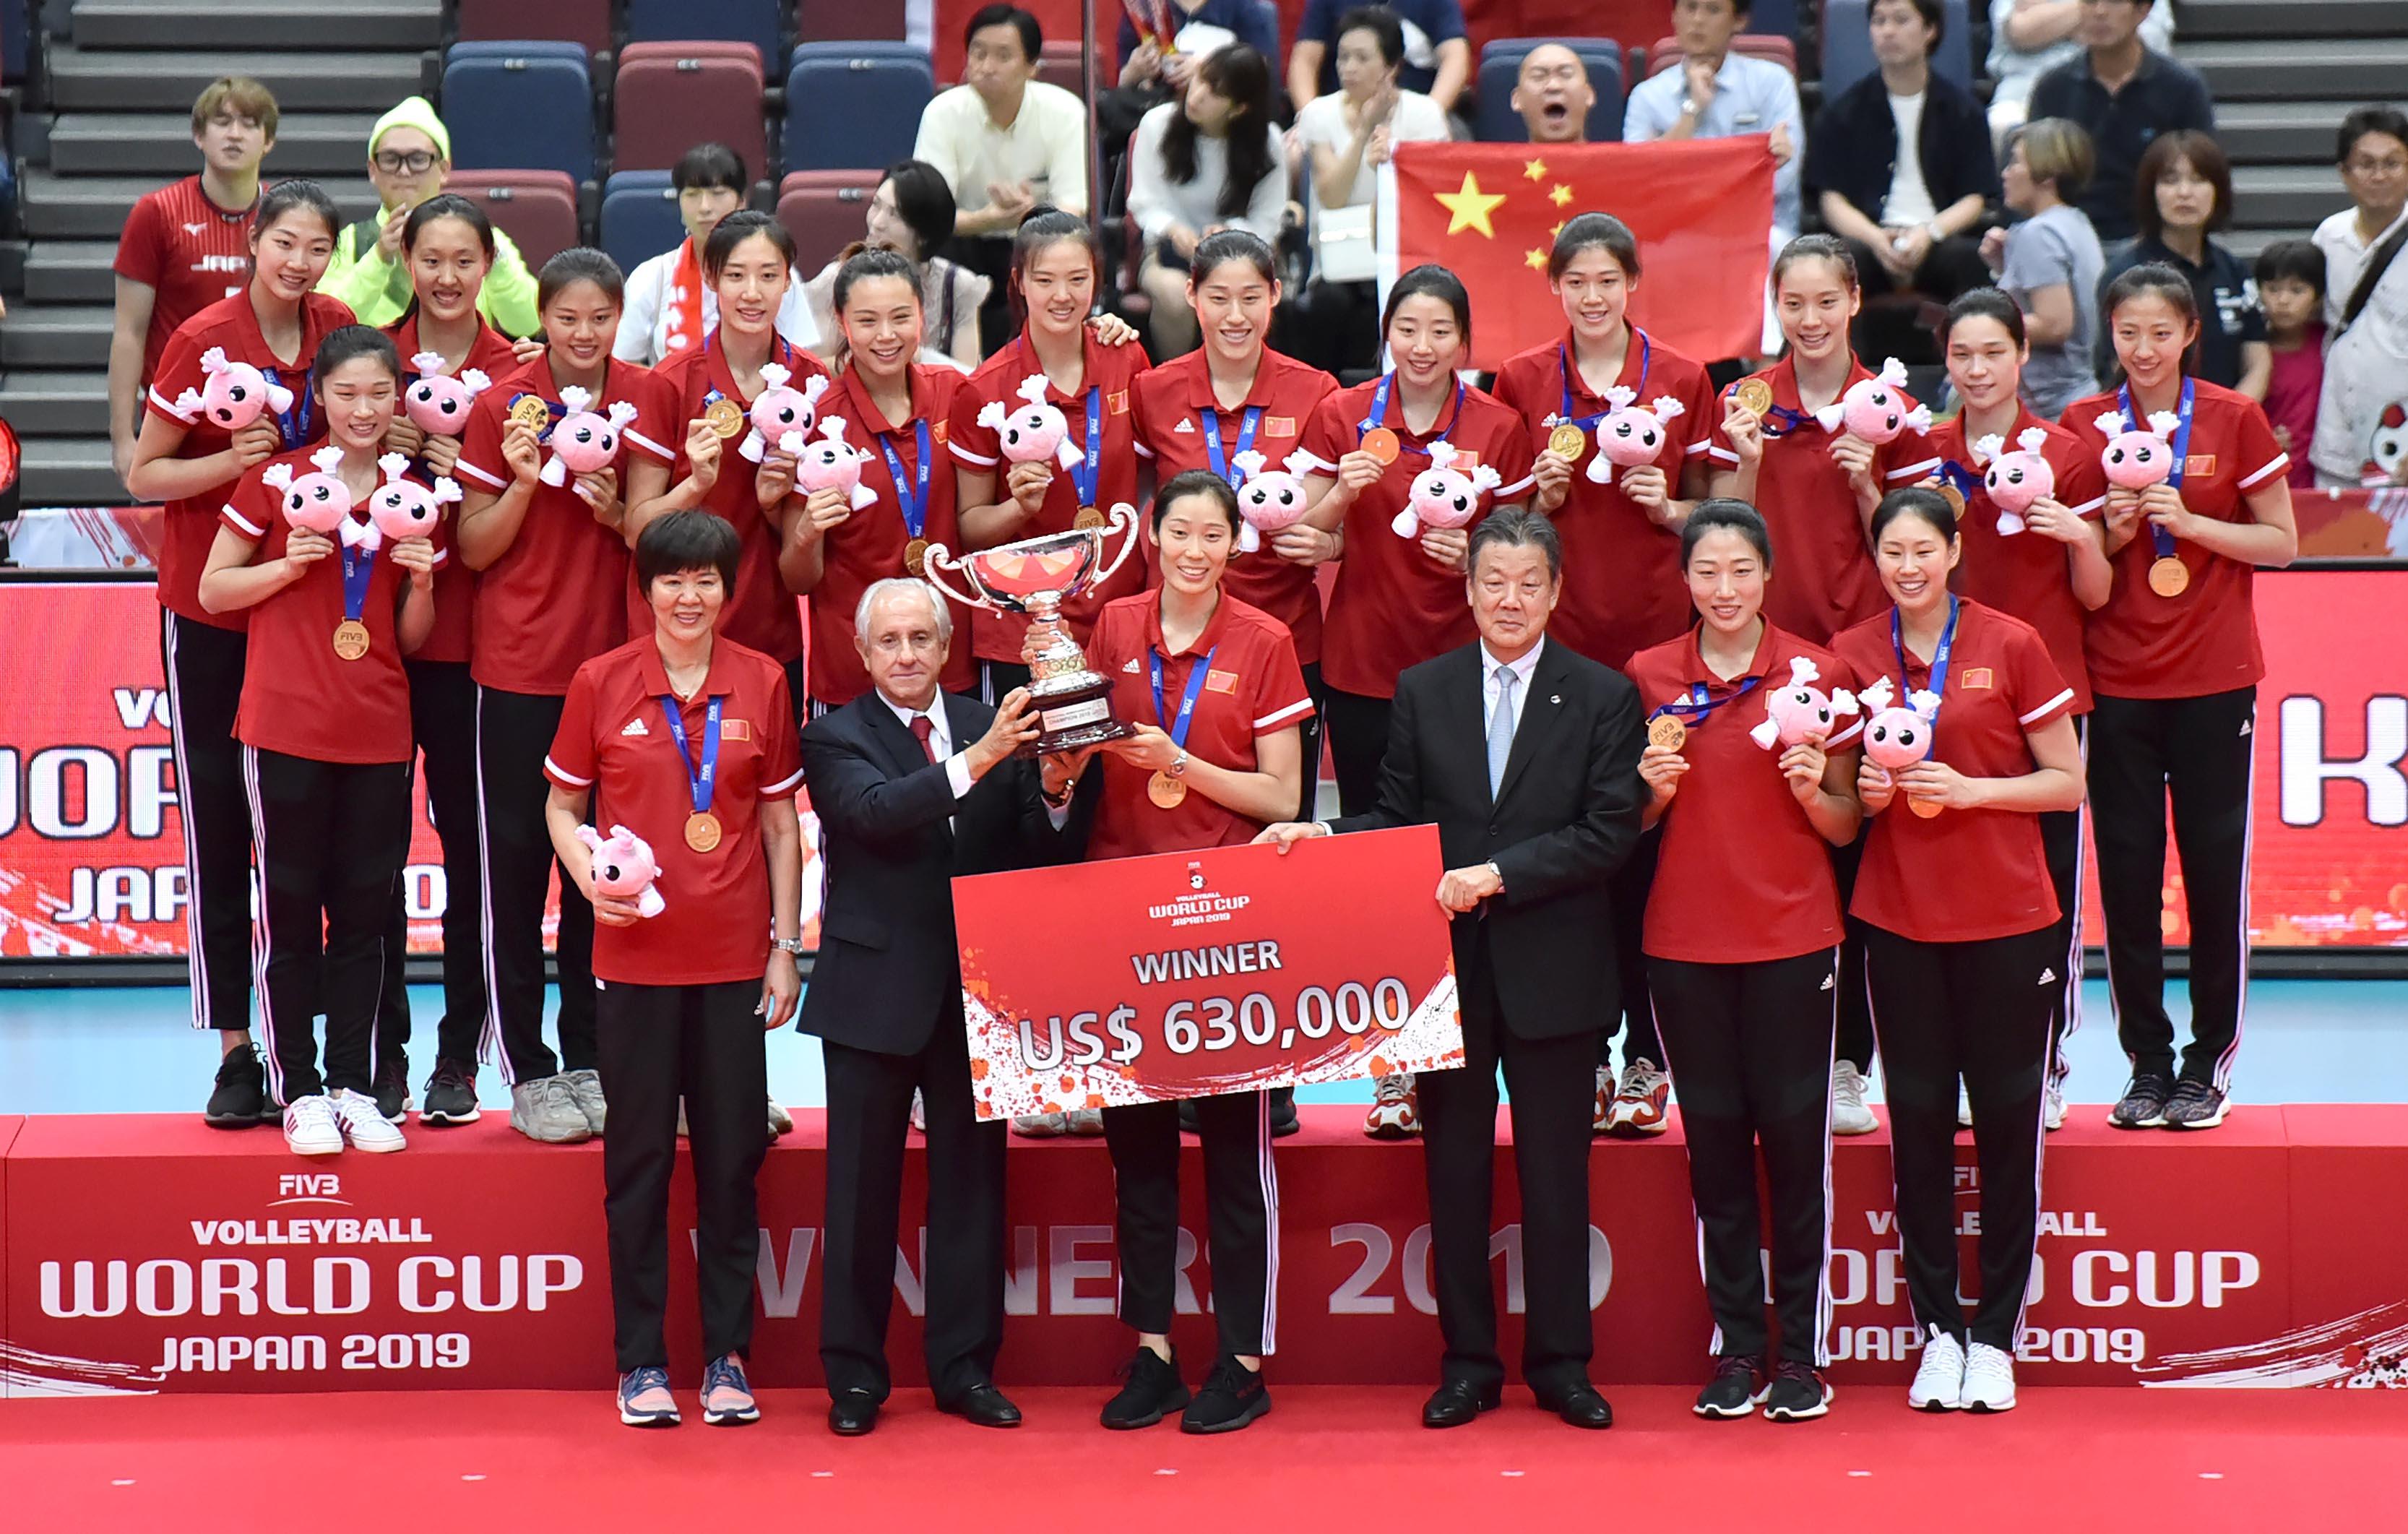 La Chine remporte la FIVB World Cup Féminine 2019 au Japon